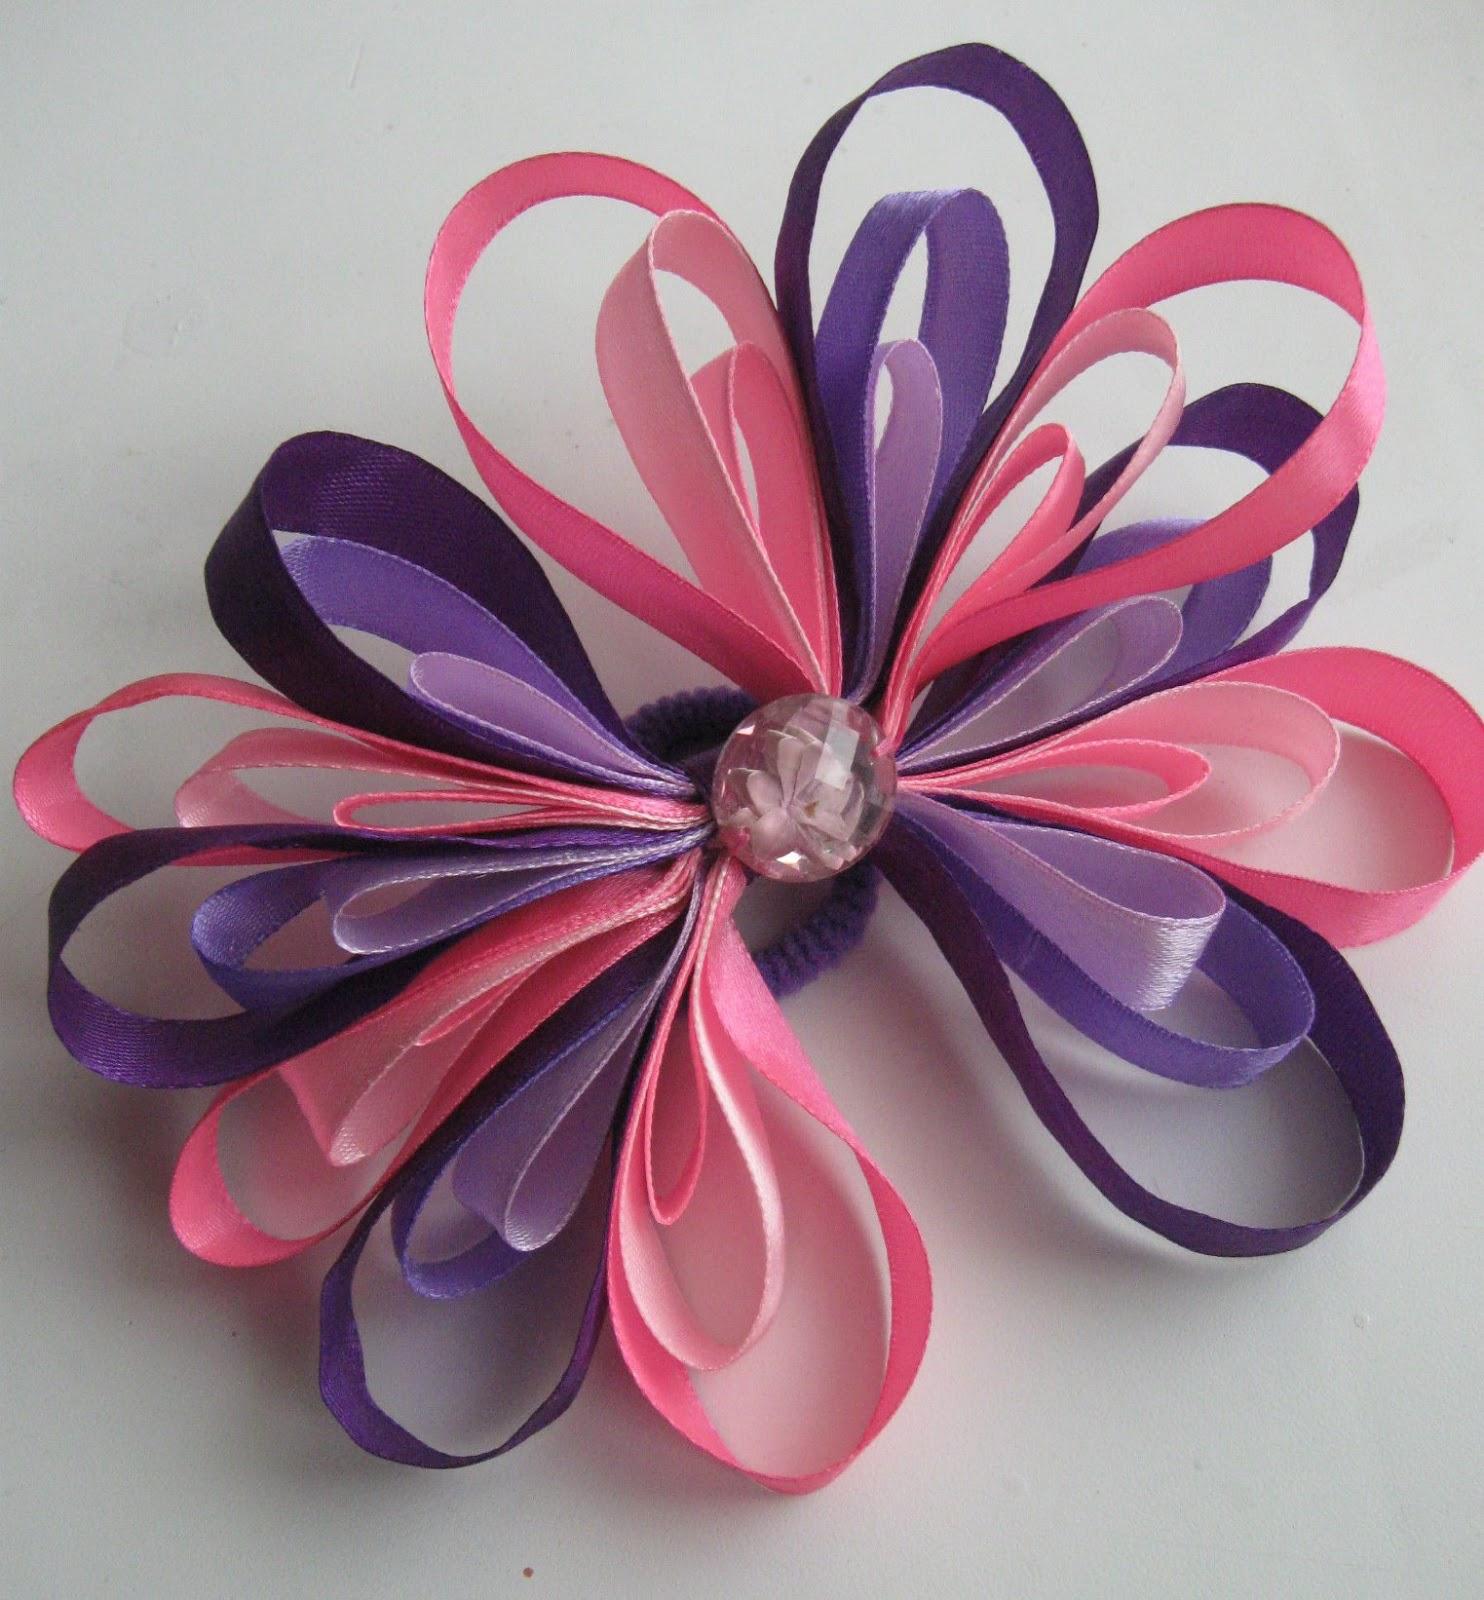 Как сделать галстук-бабочку из атласных лент своими руками пошагово с фото 80